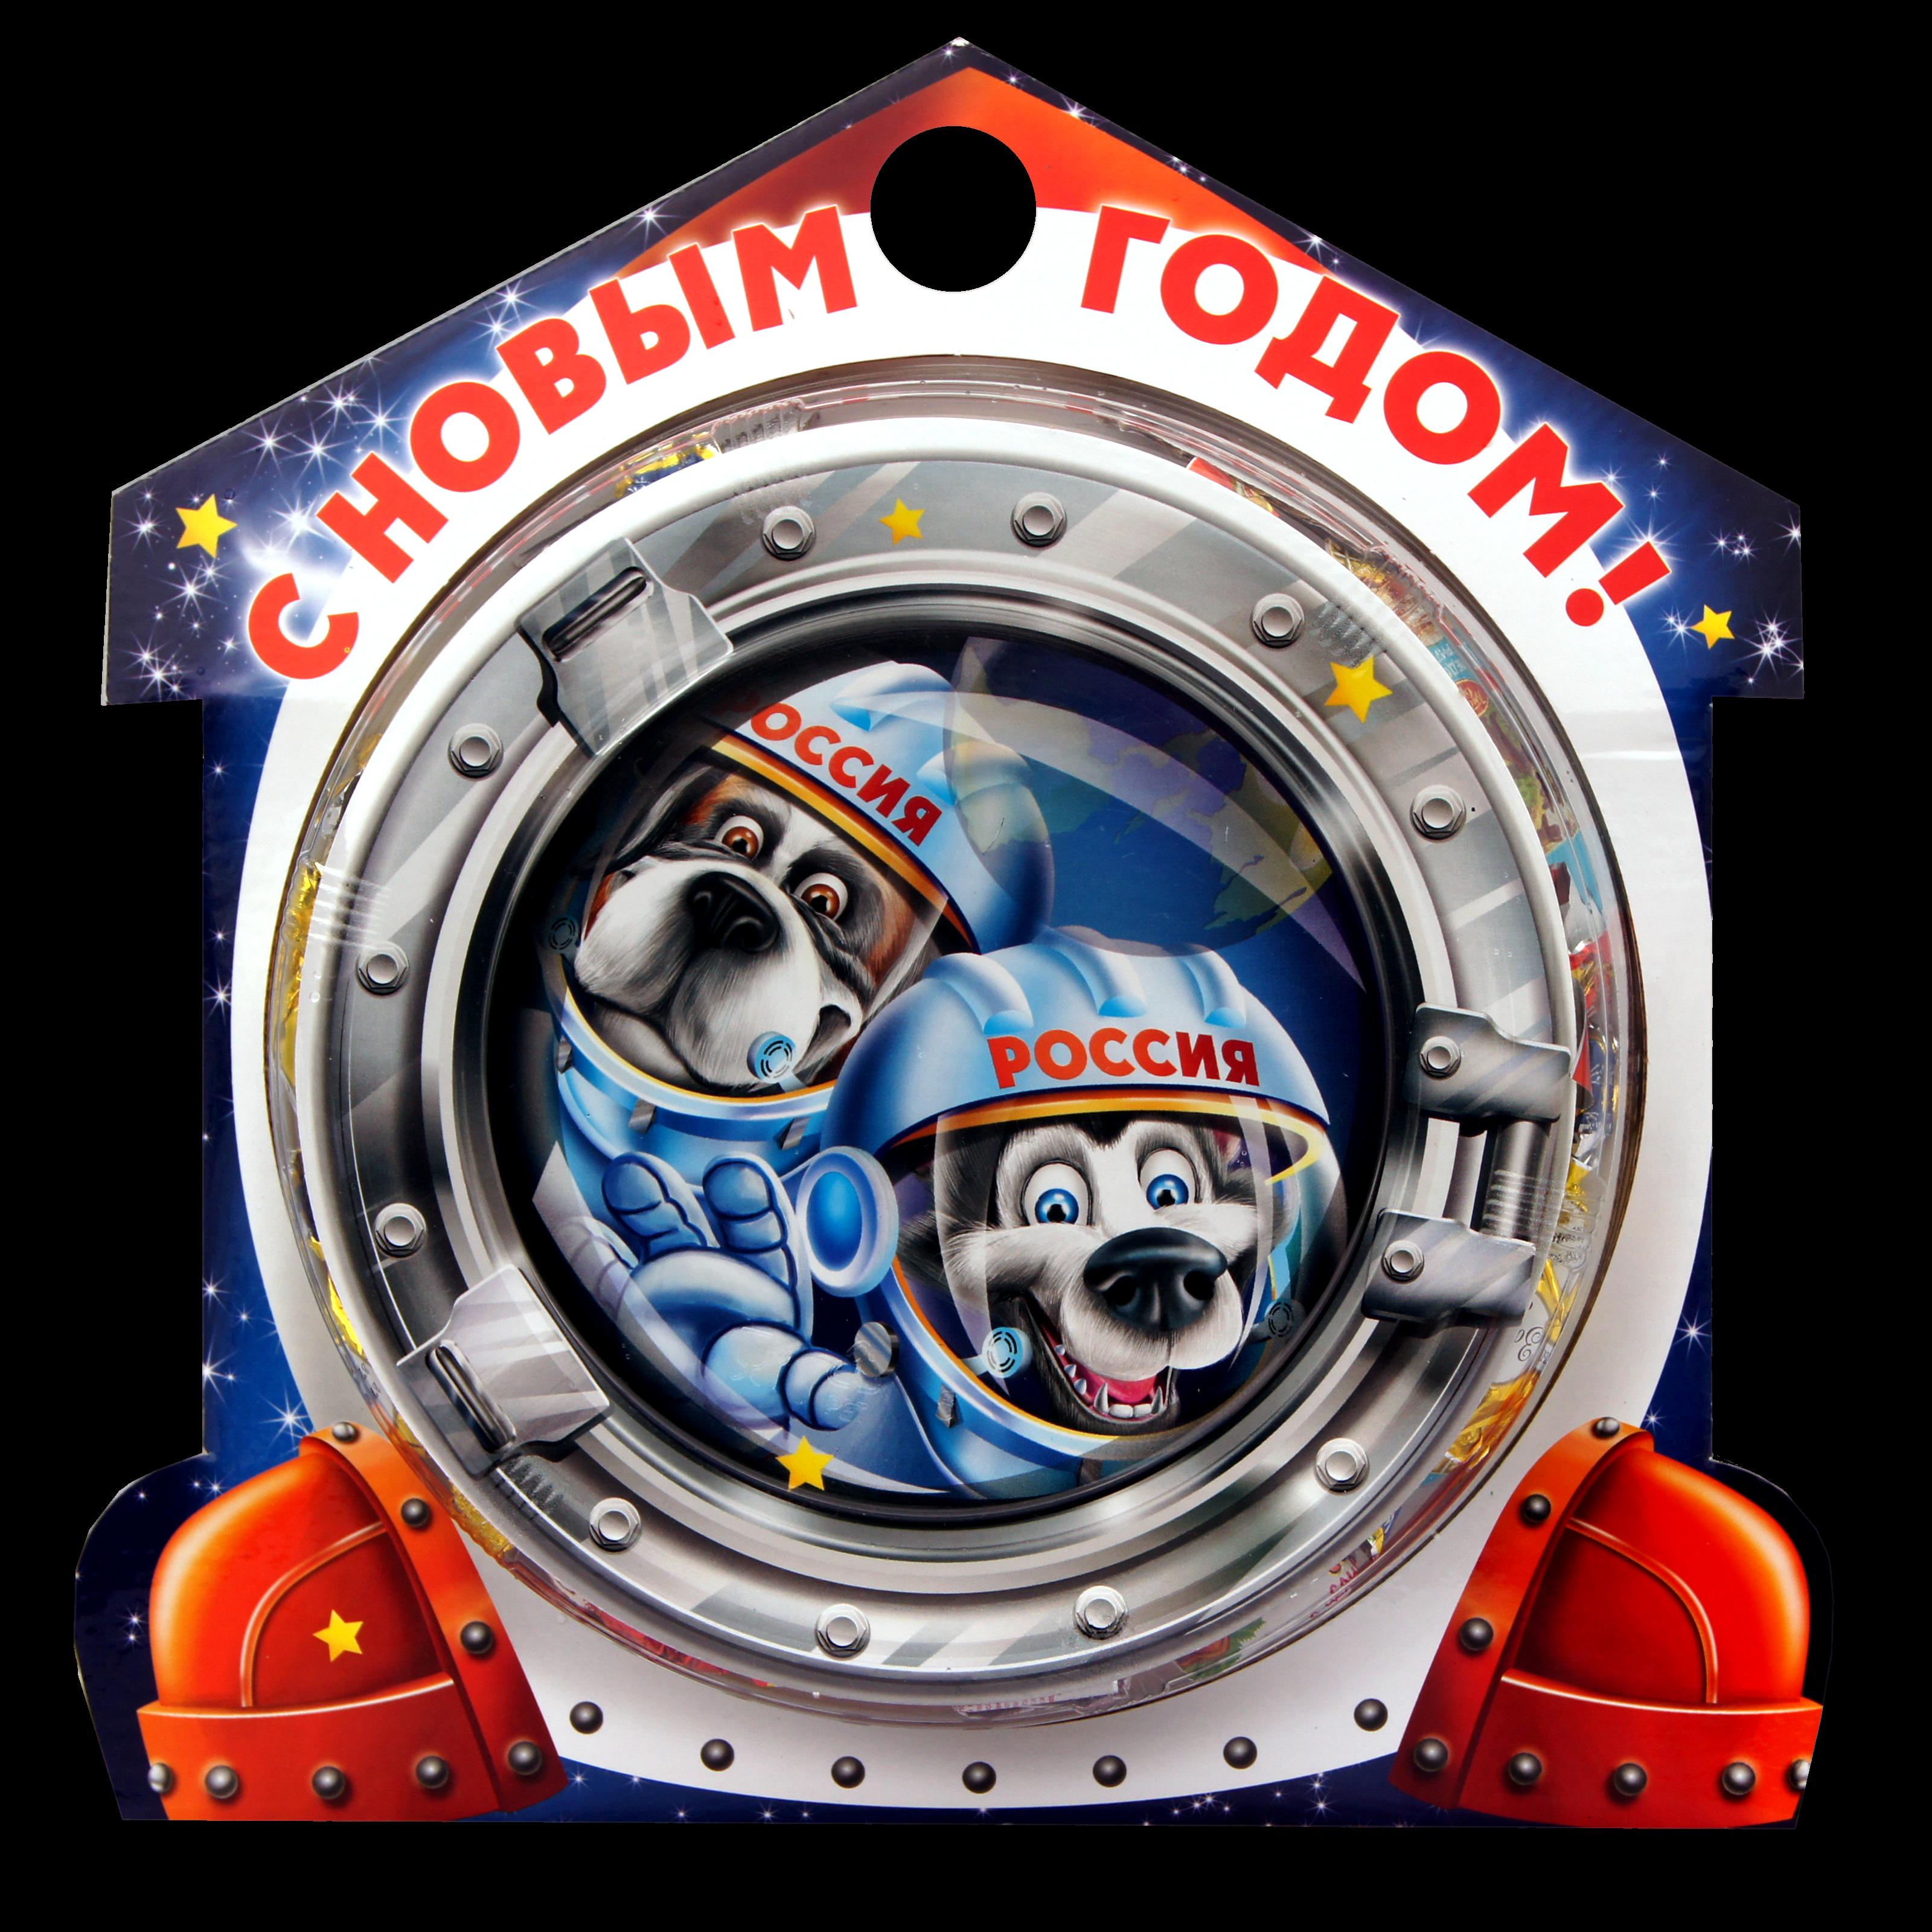 Новогодний подарок Космонавты стоимостью 350 руб. и весом 600 гр.